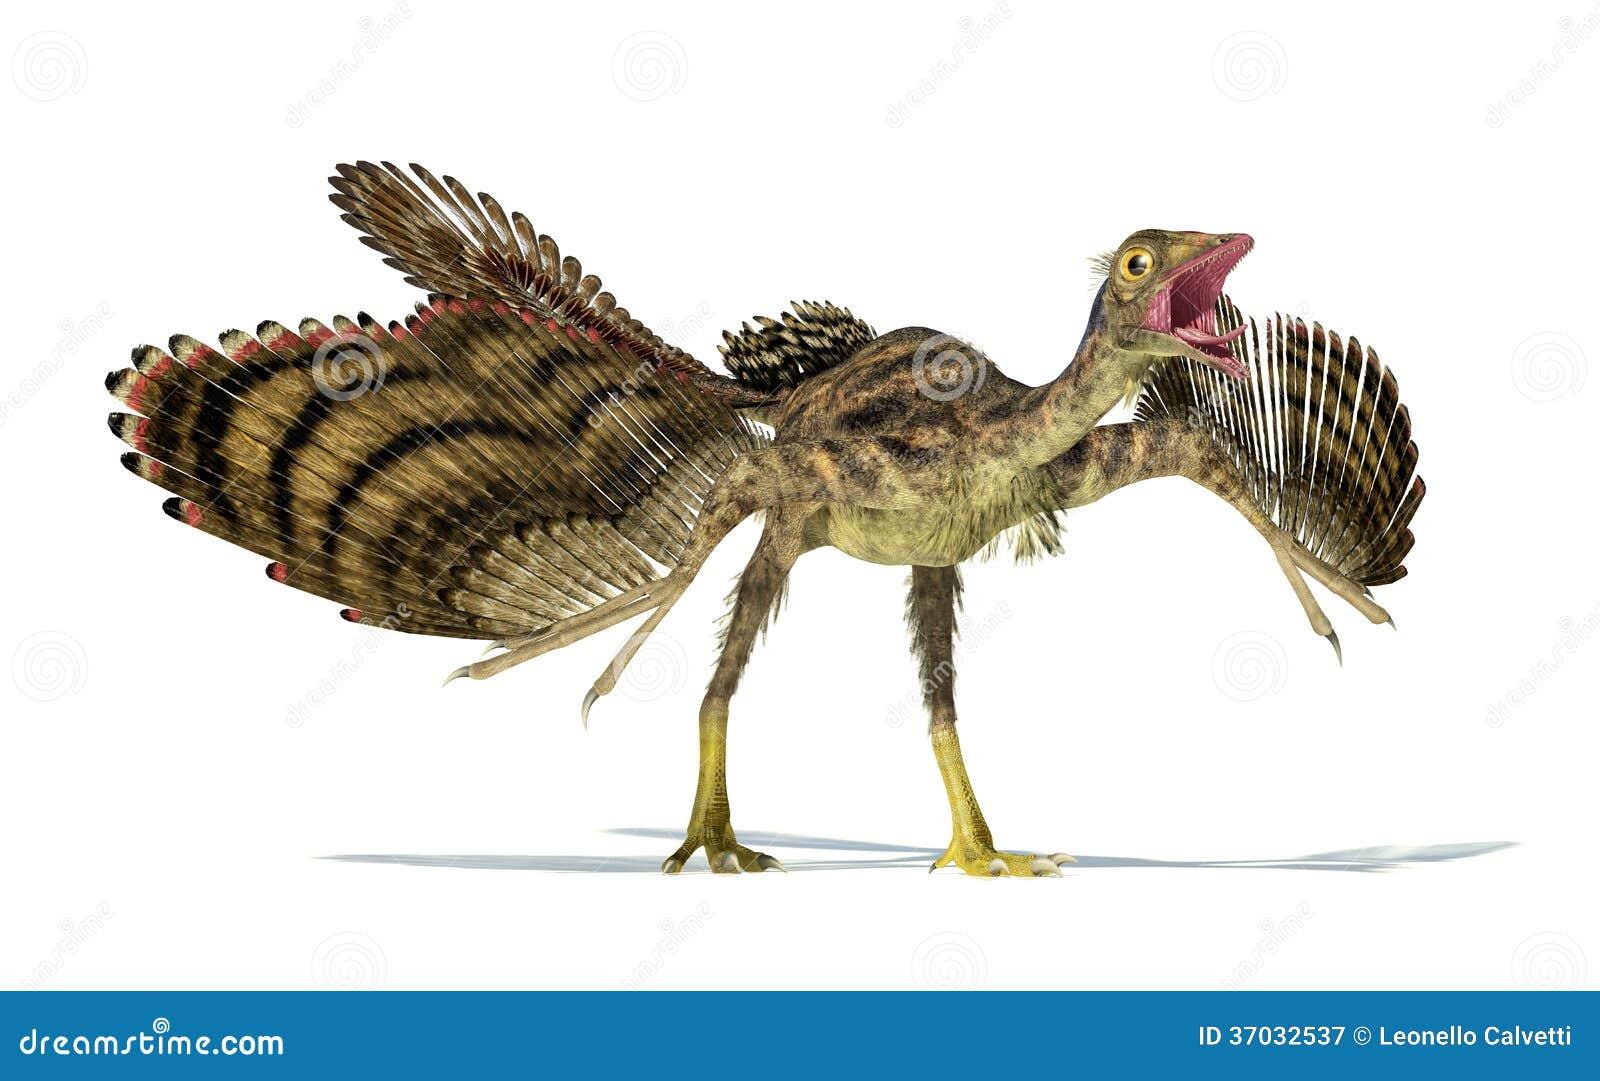 Representação Photorealistic de um dinossauro do Archaeopteryx.